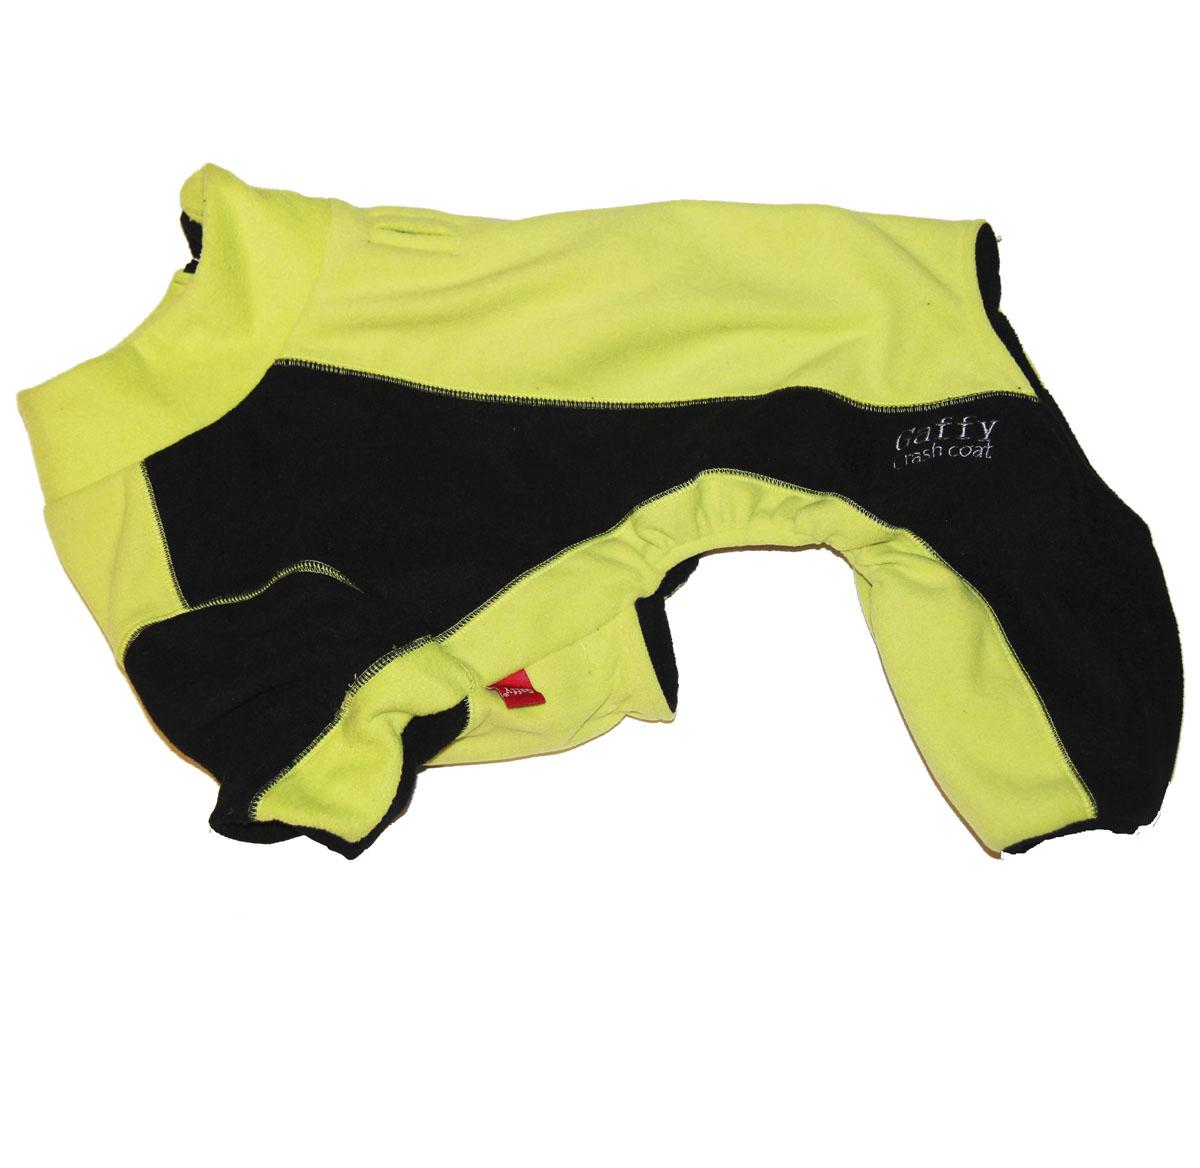 Комбинезон для собак  Gaffy Pet , унисекс, цвет: салатовый, черный. Размер M - Одежда, обувь, украшения